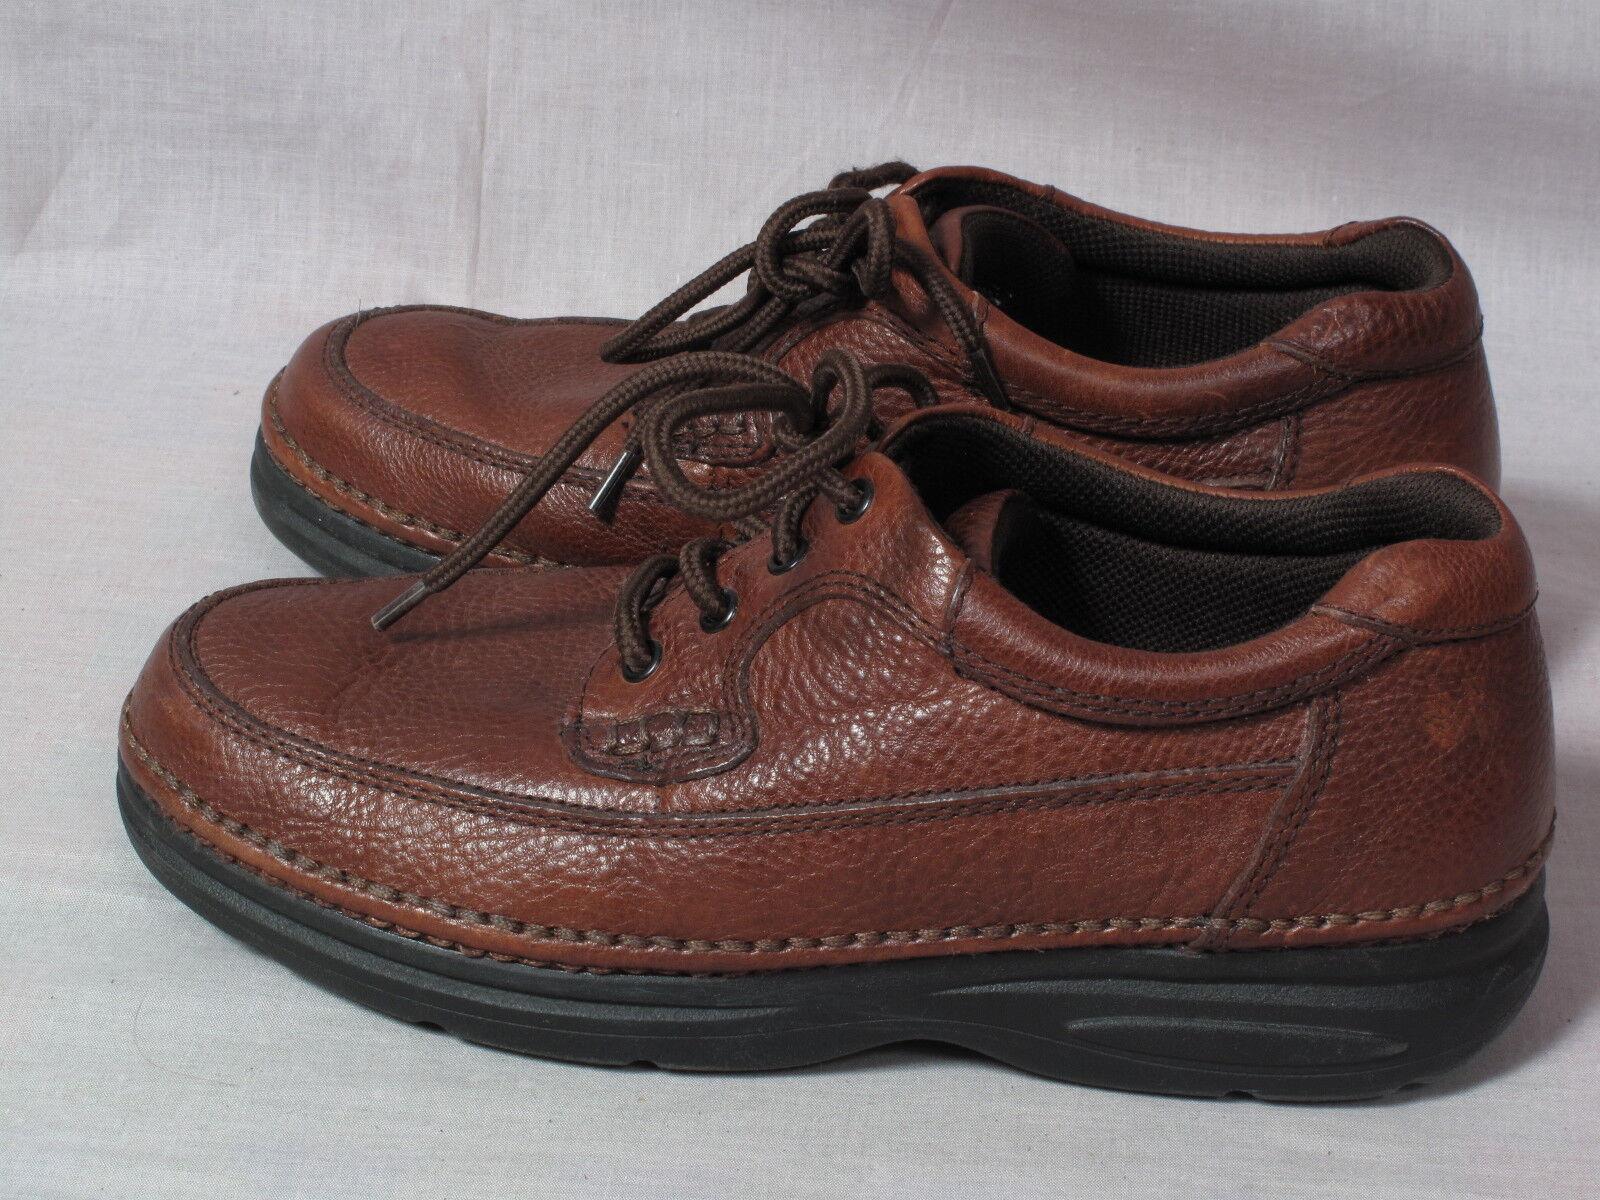 Men's NUNN BUSH Comfort Gel shoes Brown Size 9.5 W Leather Lace-up